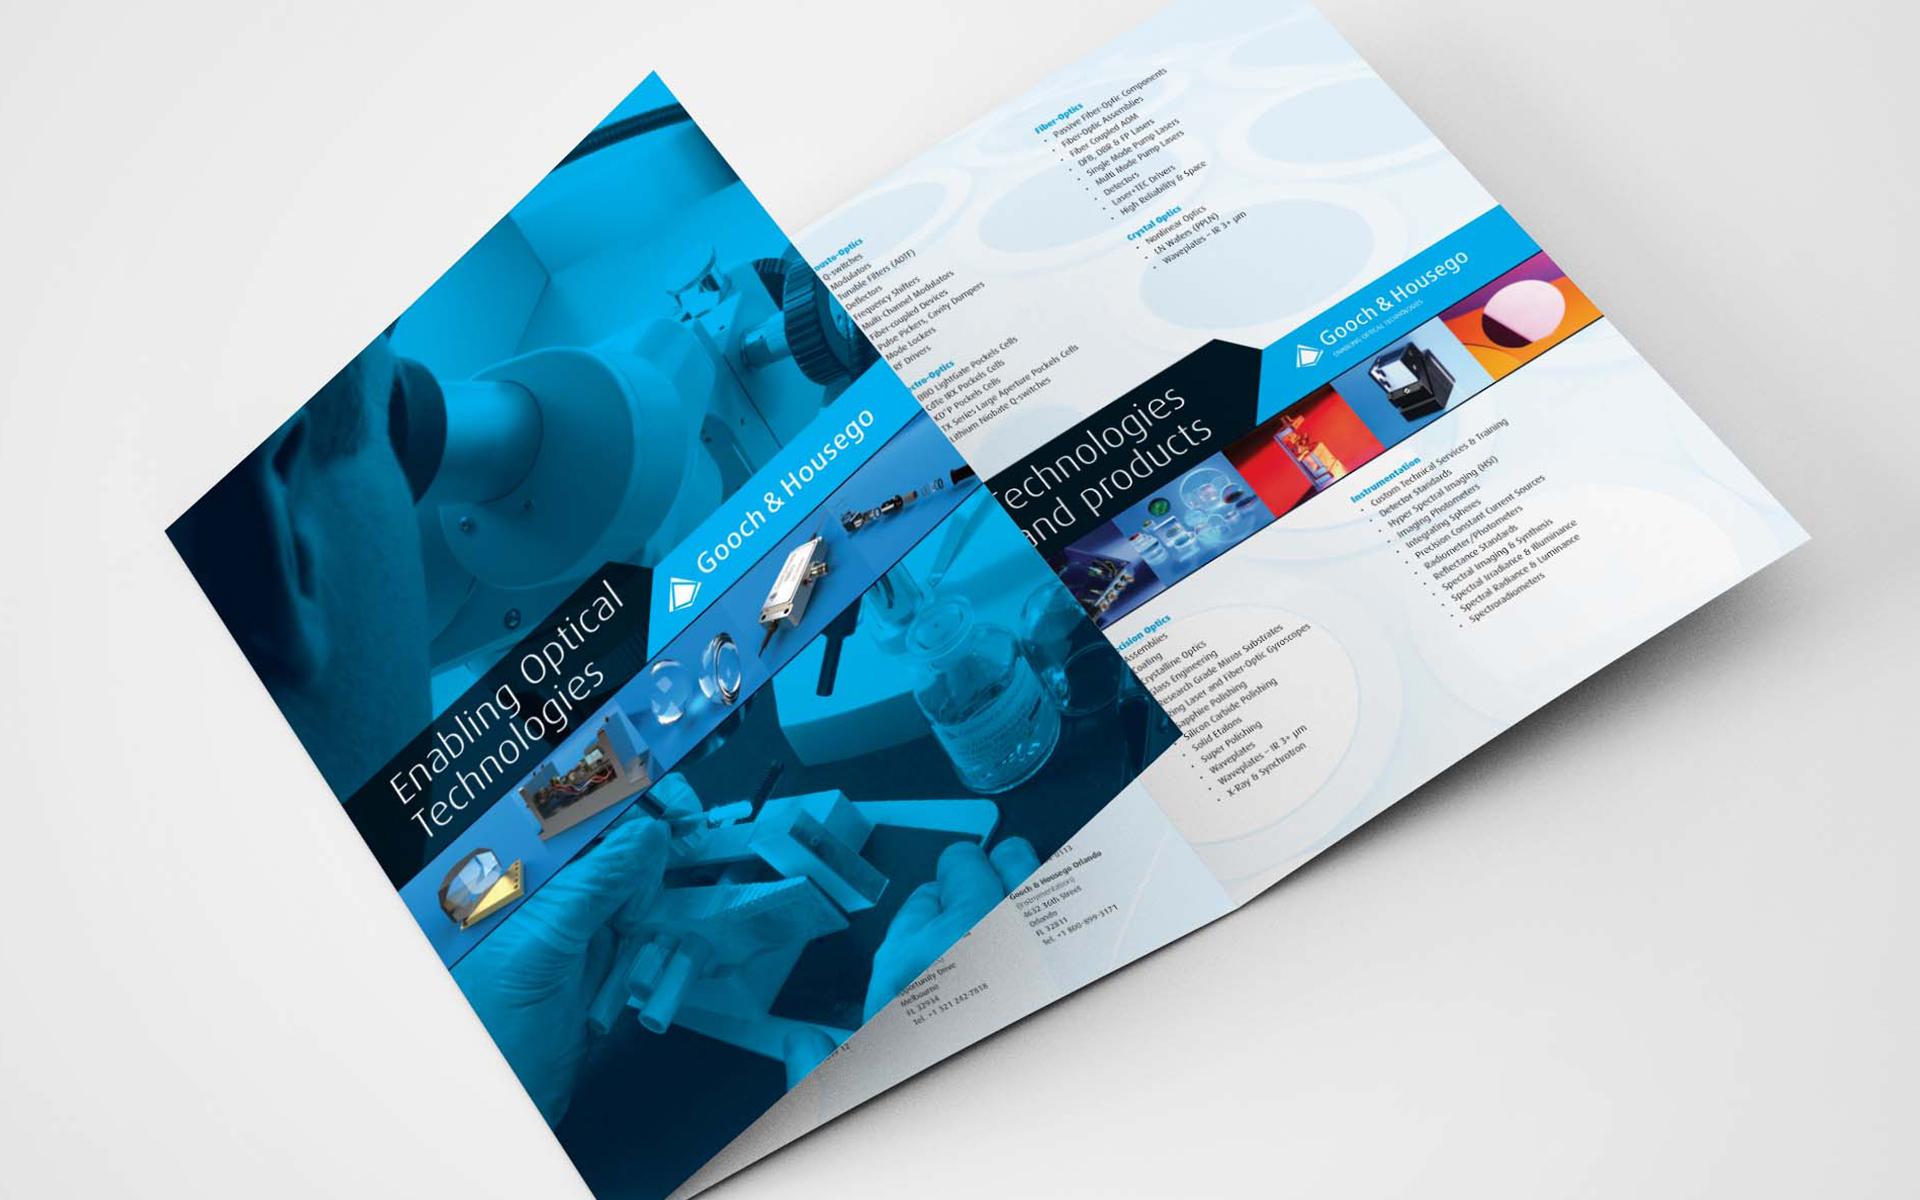 6-page gatefold brochure